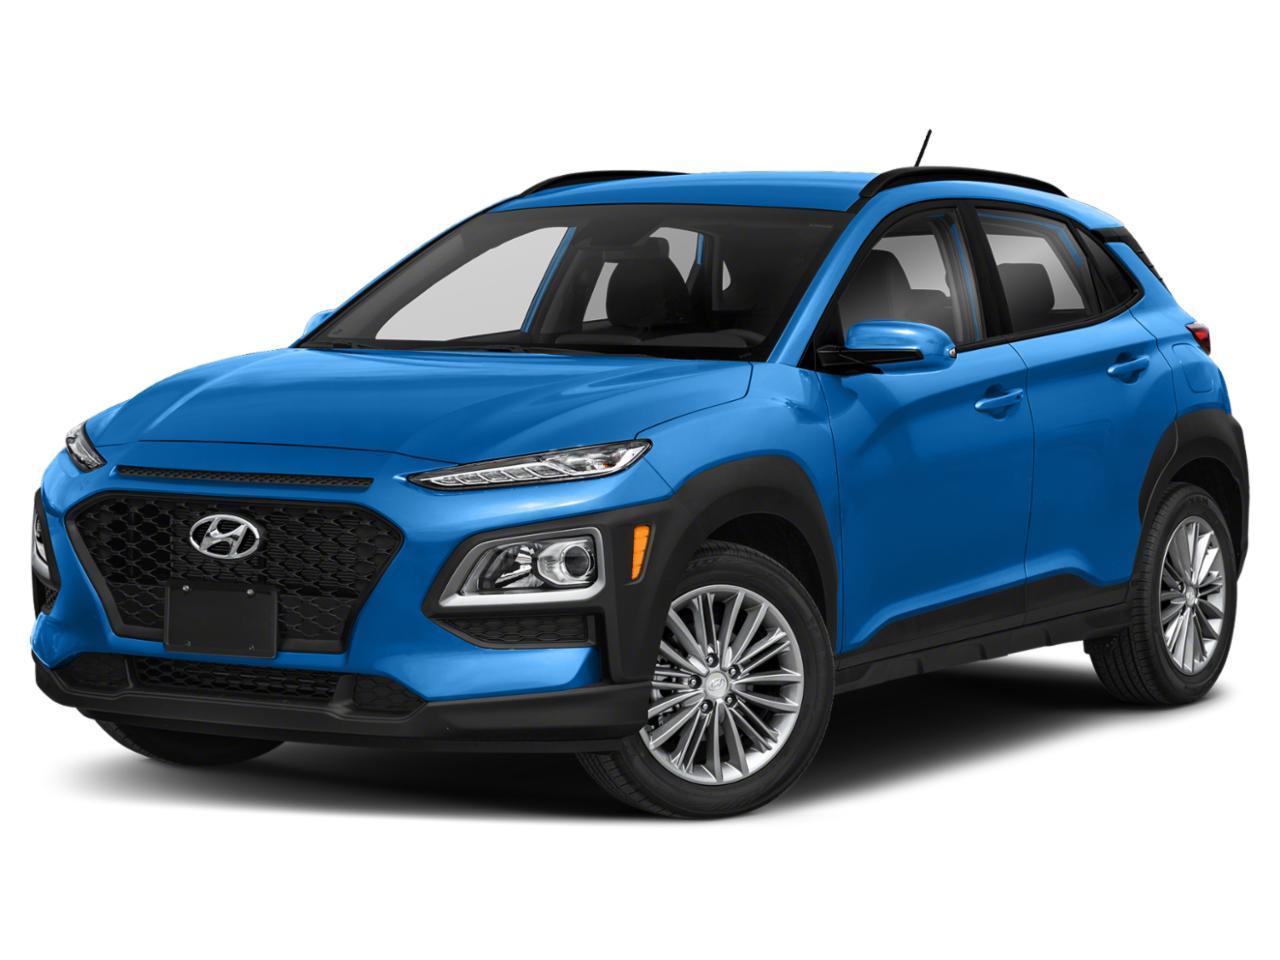 2019 Hyundai Kona Vehicle Photo in Merriam, KS 66203